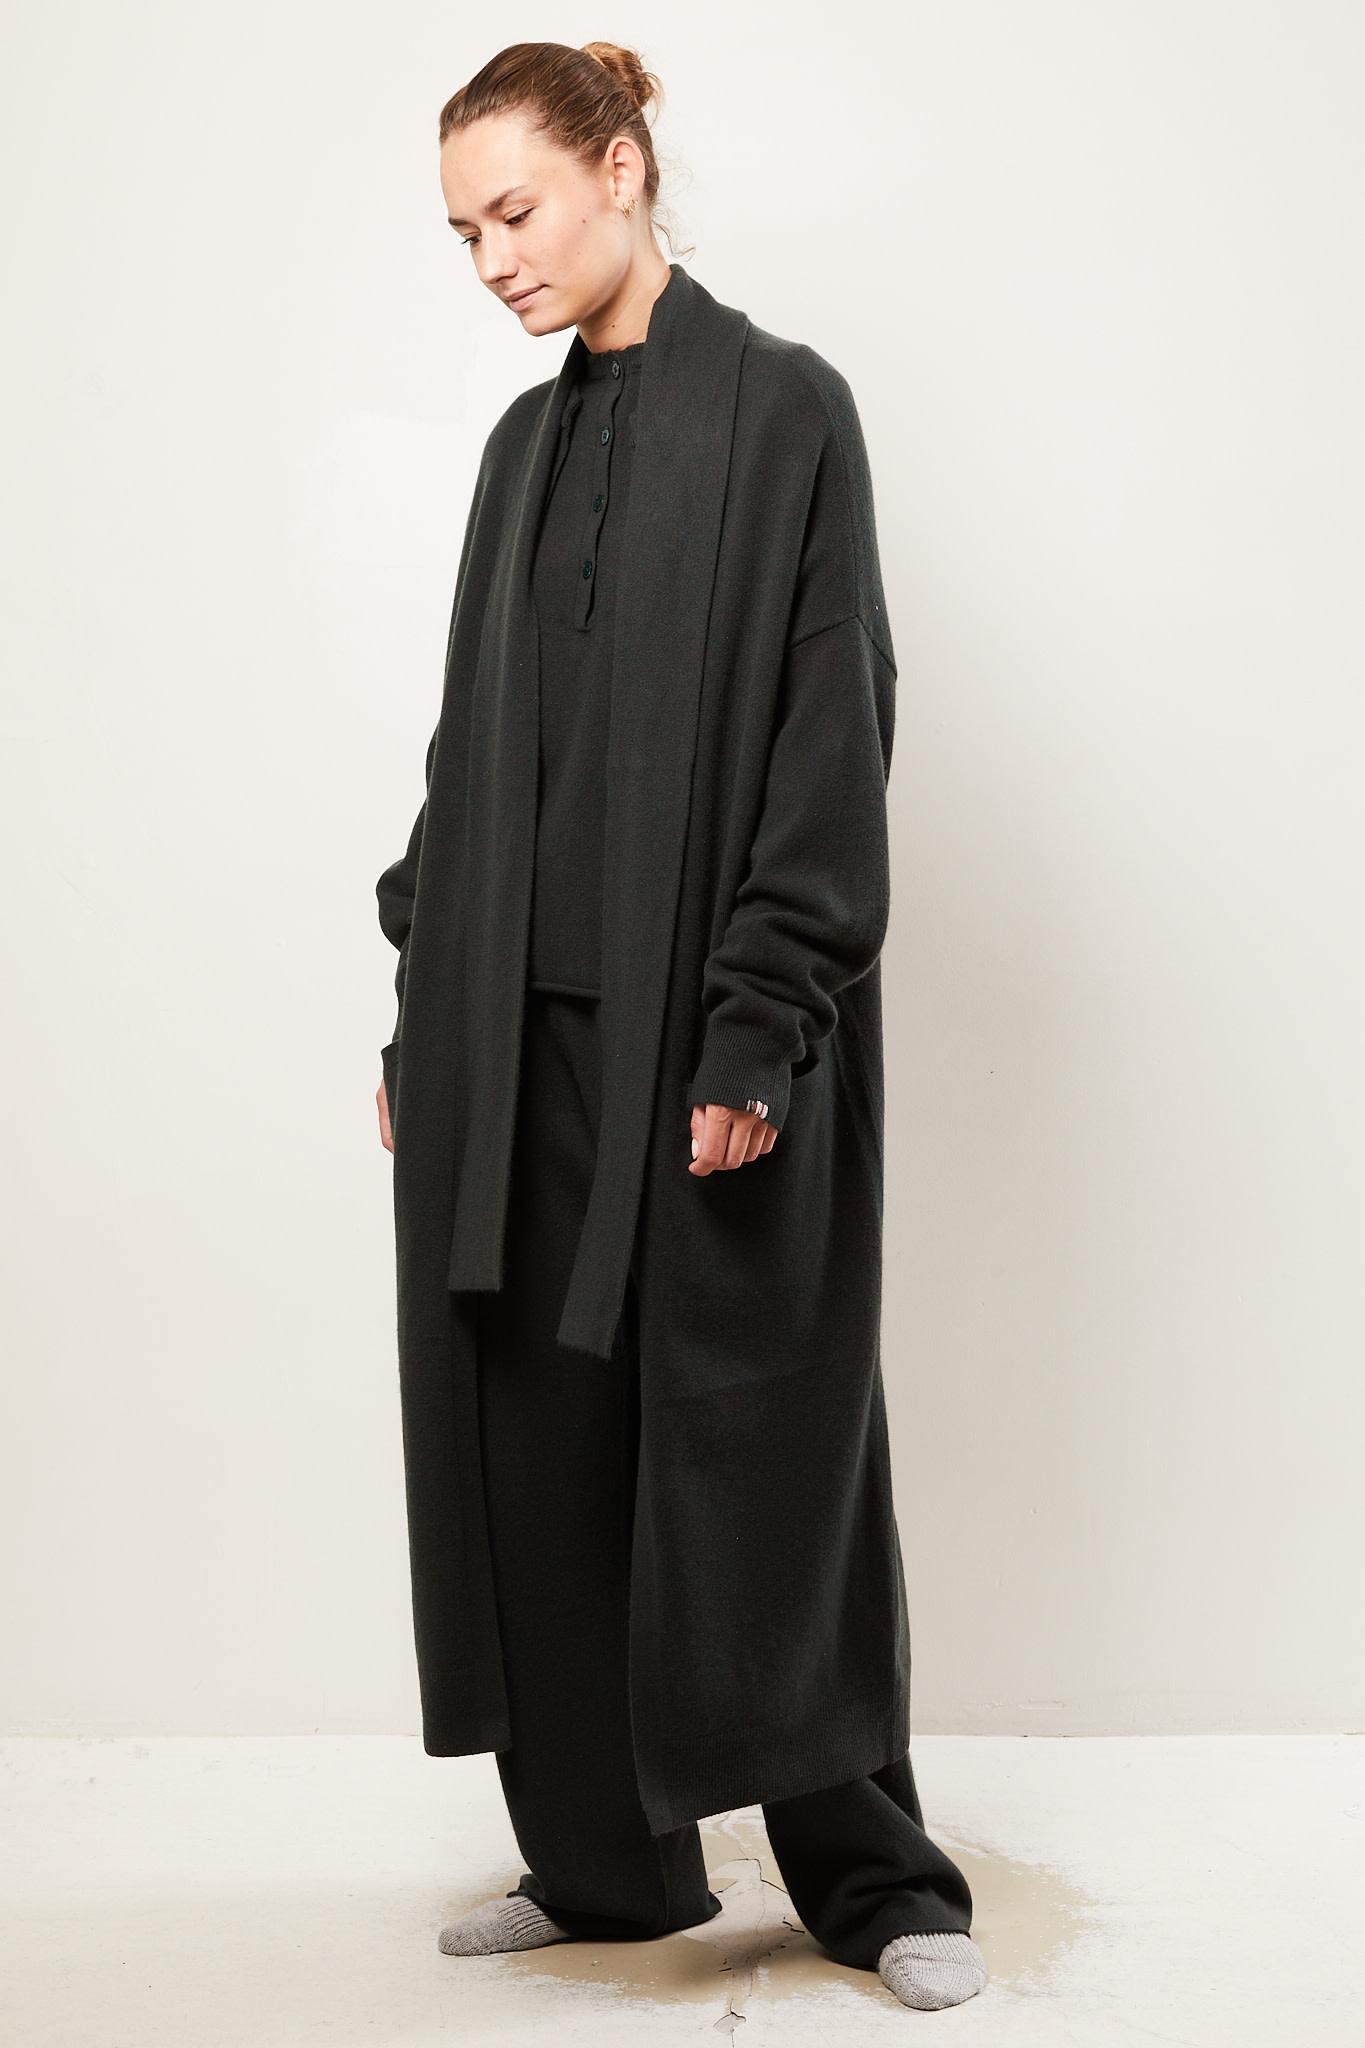 extreme cashmere - Marina crew neck cardigan